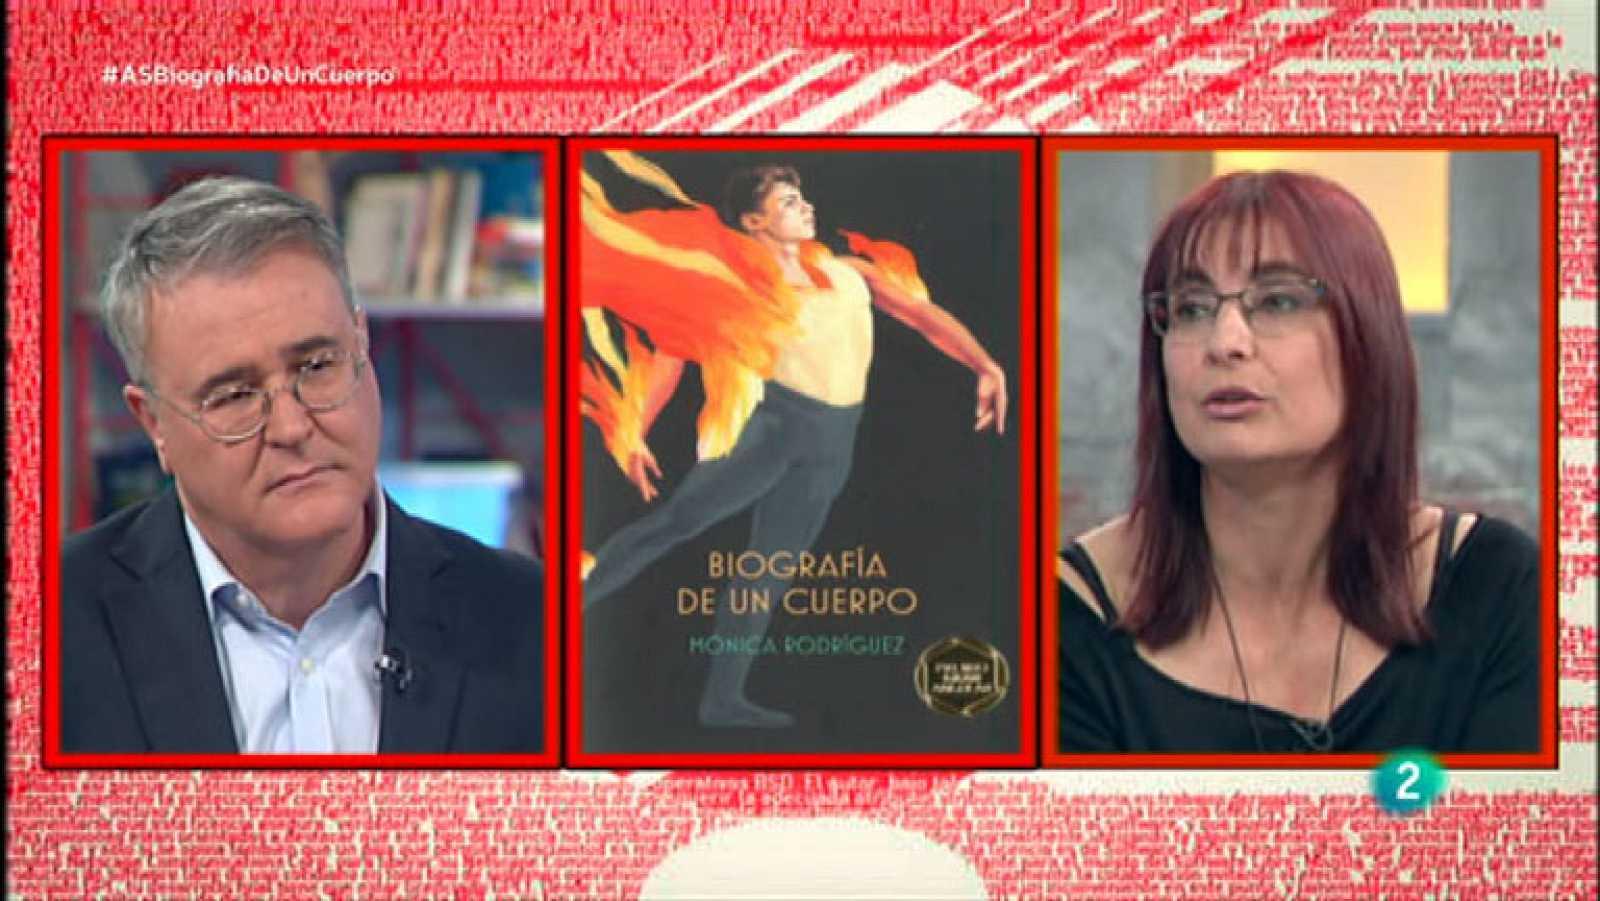 La Aventura del Saber. TVE. Entrevista a Mónica Rodríguez. 'Biografía de un cuerpo'.